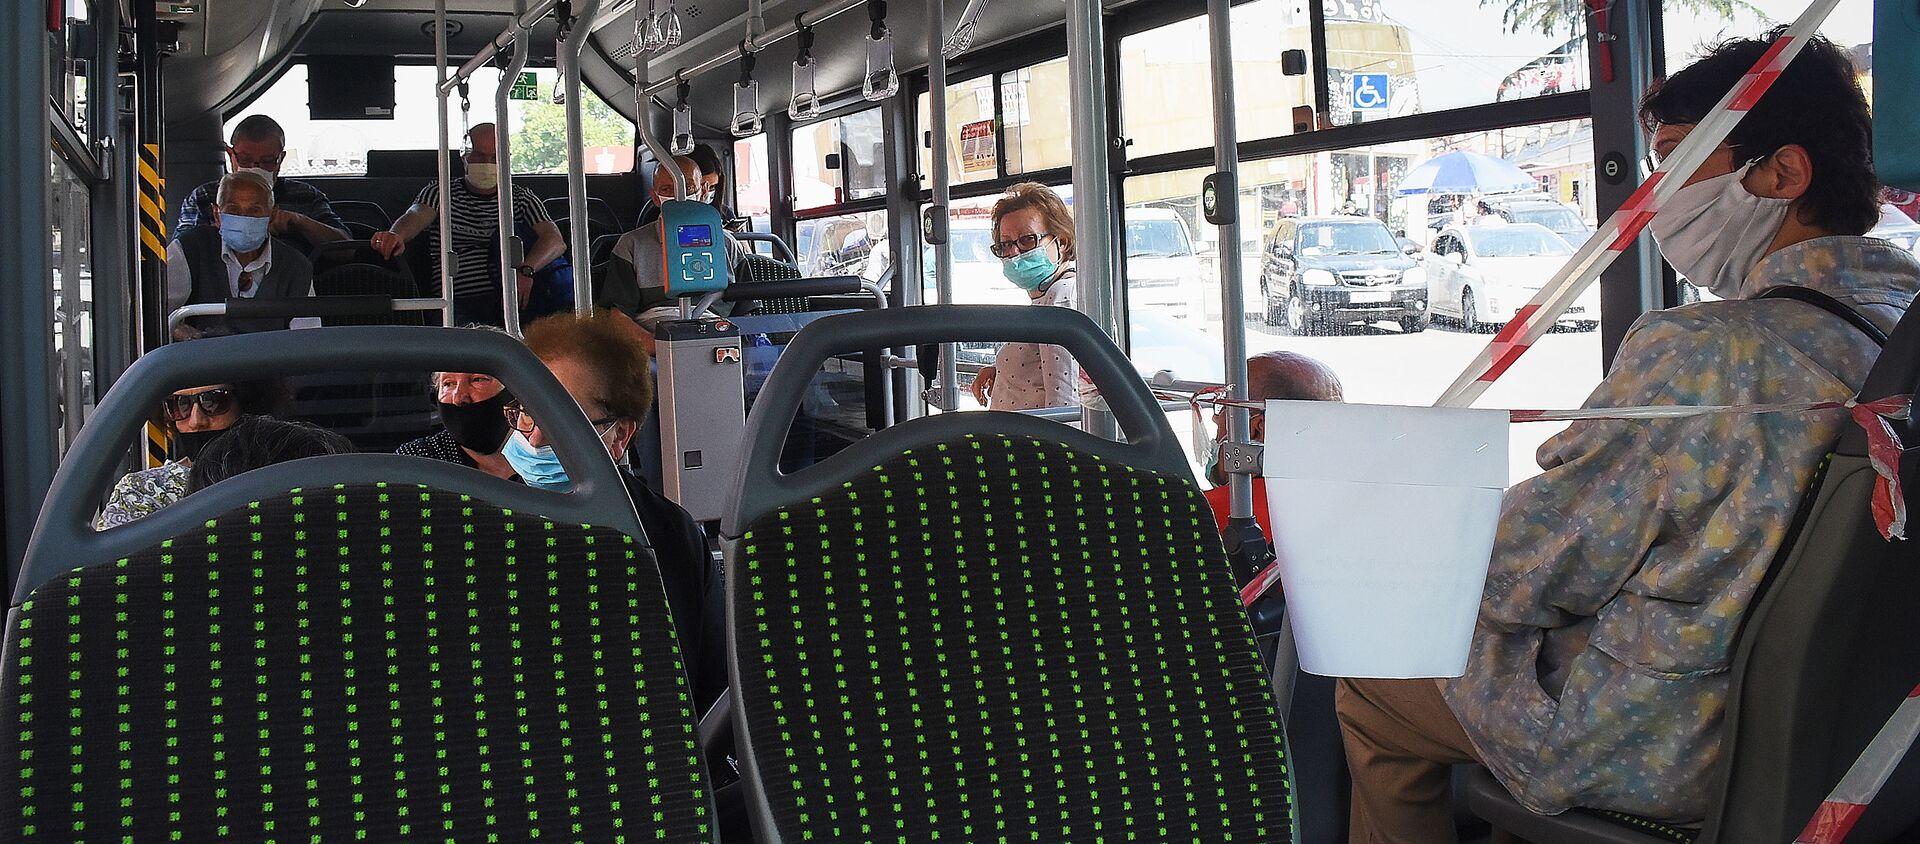 Городской транспорт. Пассажиры в масках едут в автобусе - Sputnik Грузия, 1920, 28.01.2021